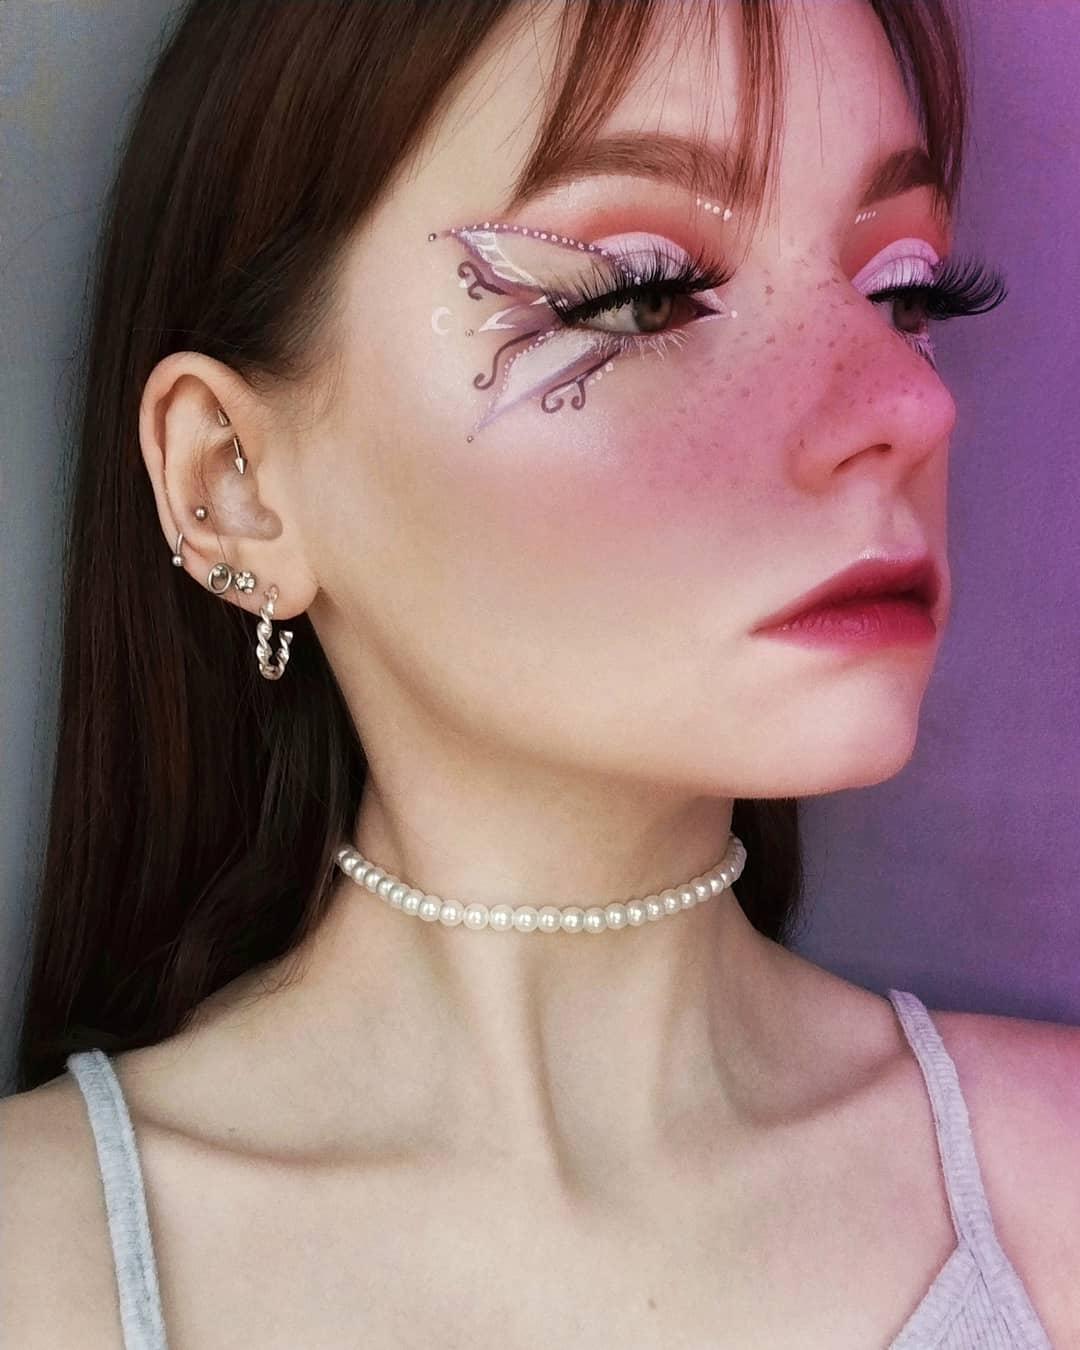 tendencia fairycore aesthetic asas de borboleta nos olhos